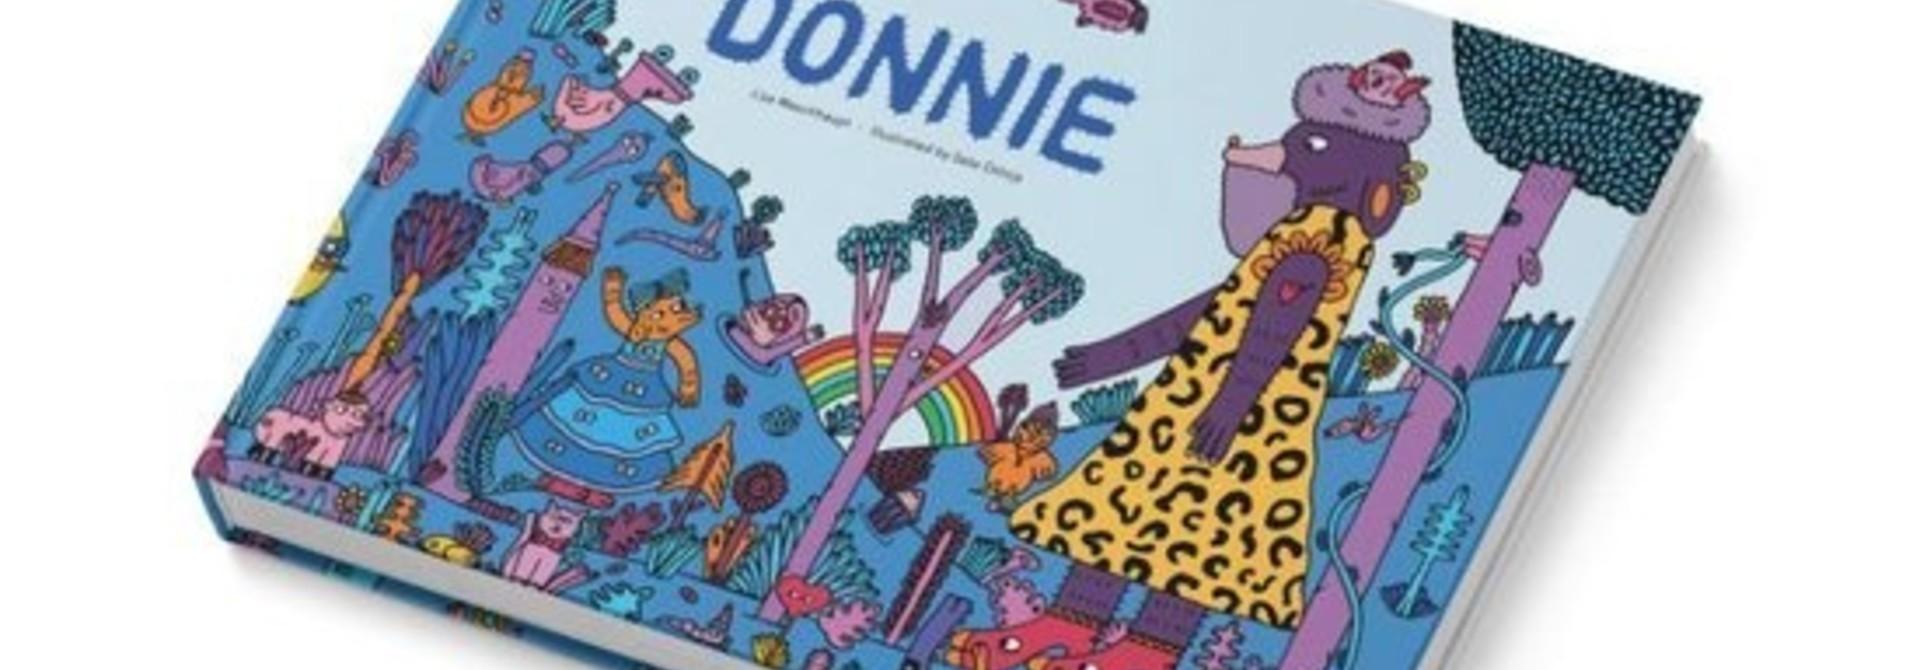 Donnie - English